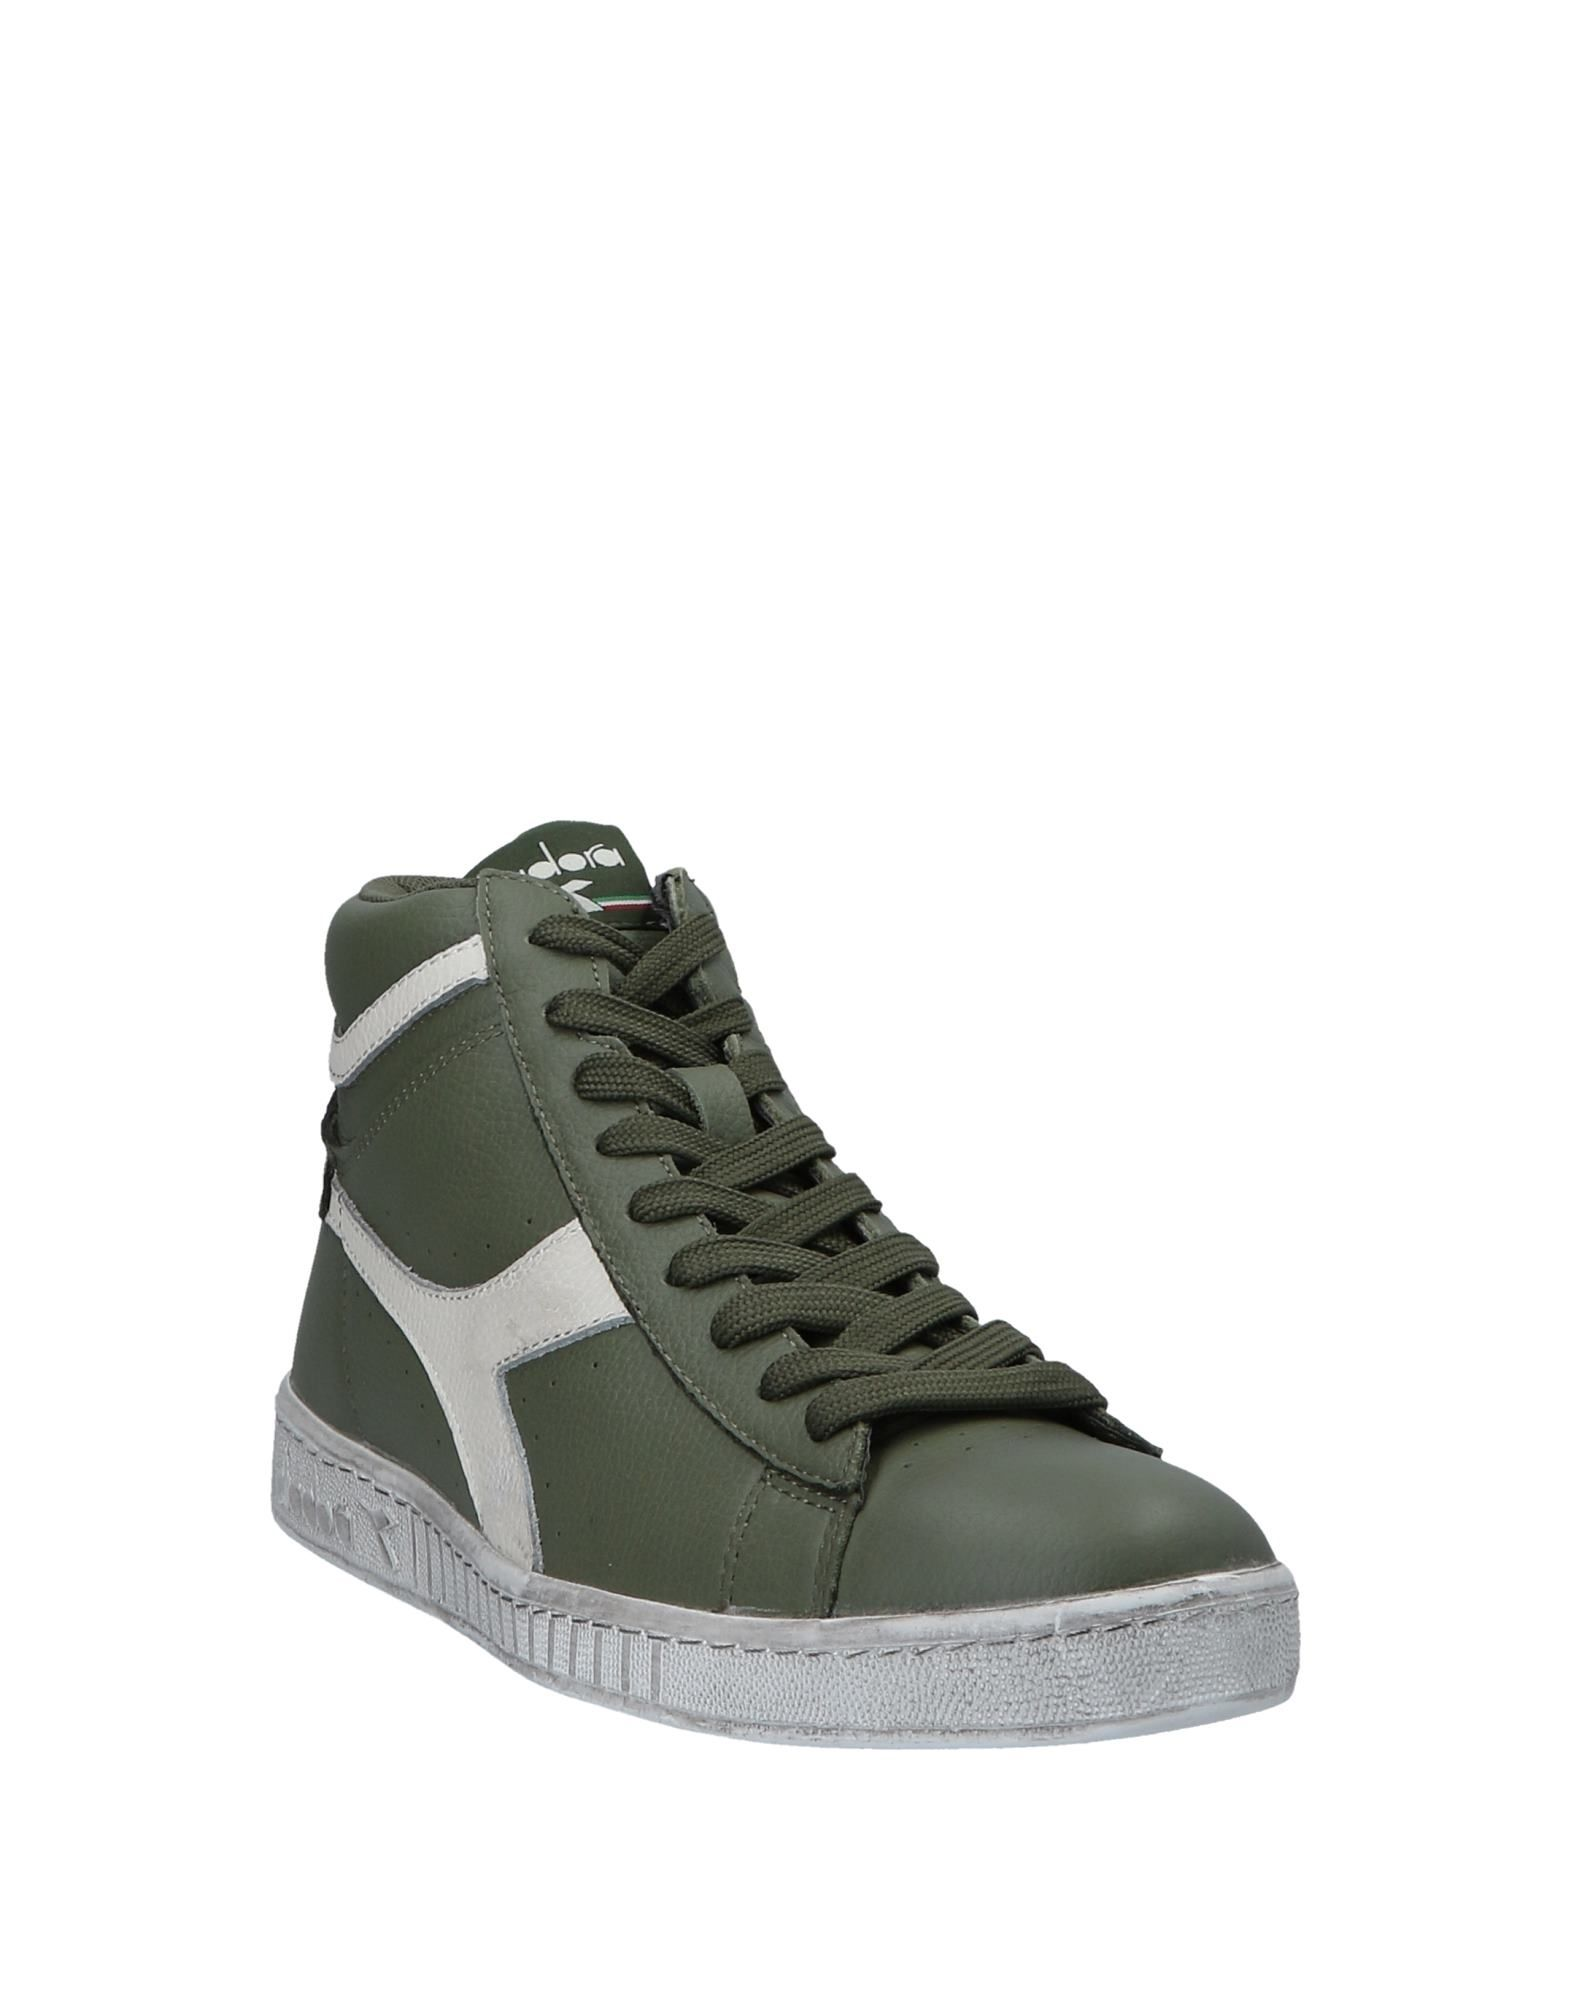 Rabatt  echte Schuhe Diadora Sneakers Herren  Rabatt 11547429RK 73da63